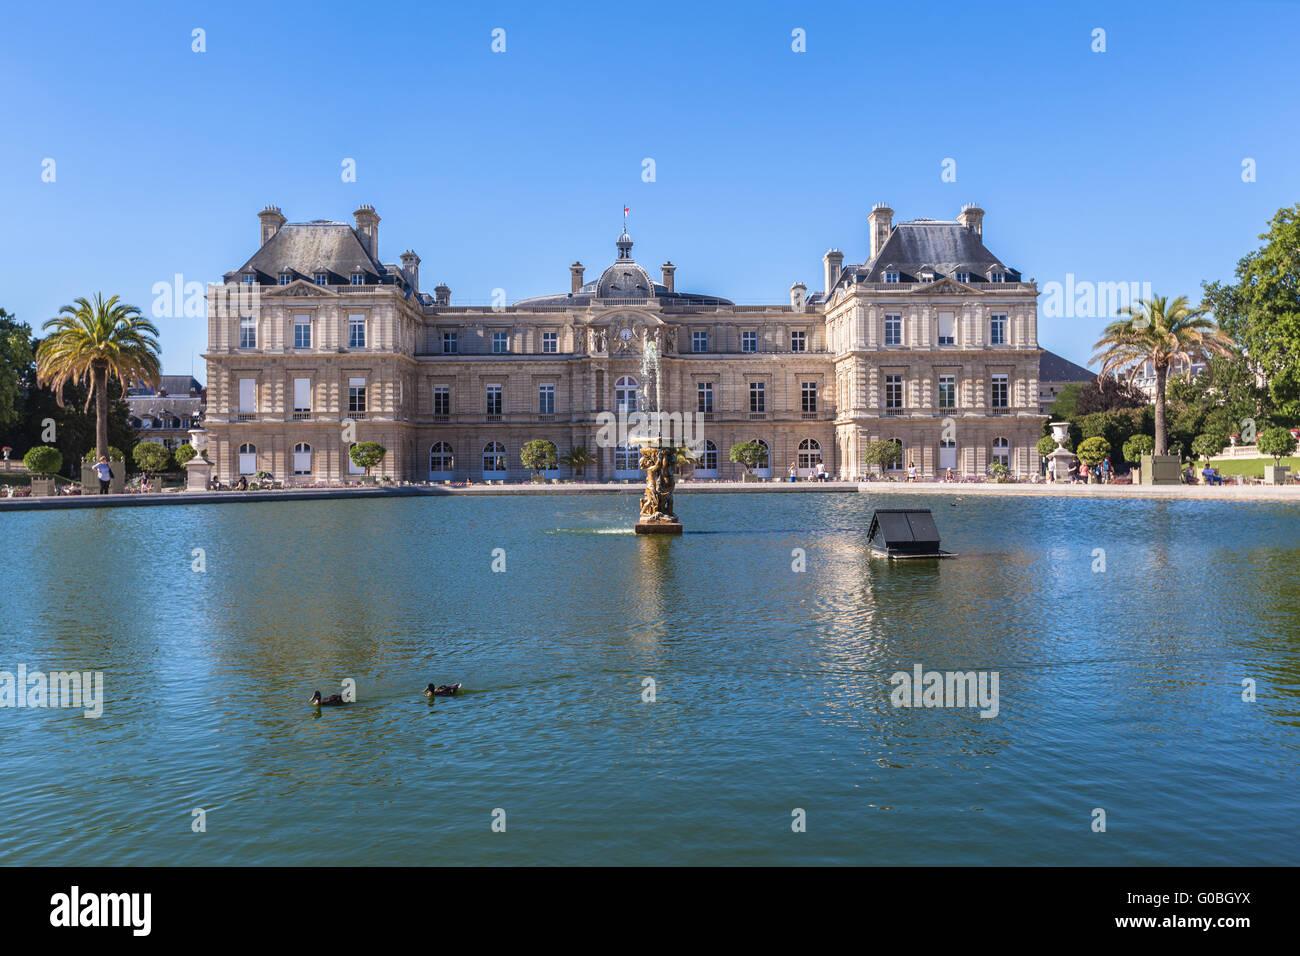 Palais du Luxembourg im Jardin du Luxembourg, Paris, Frankreich Stockbild